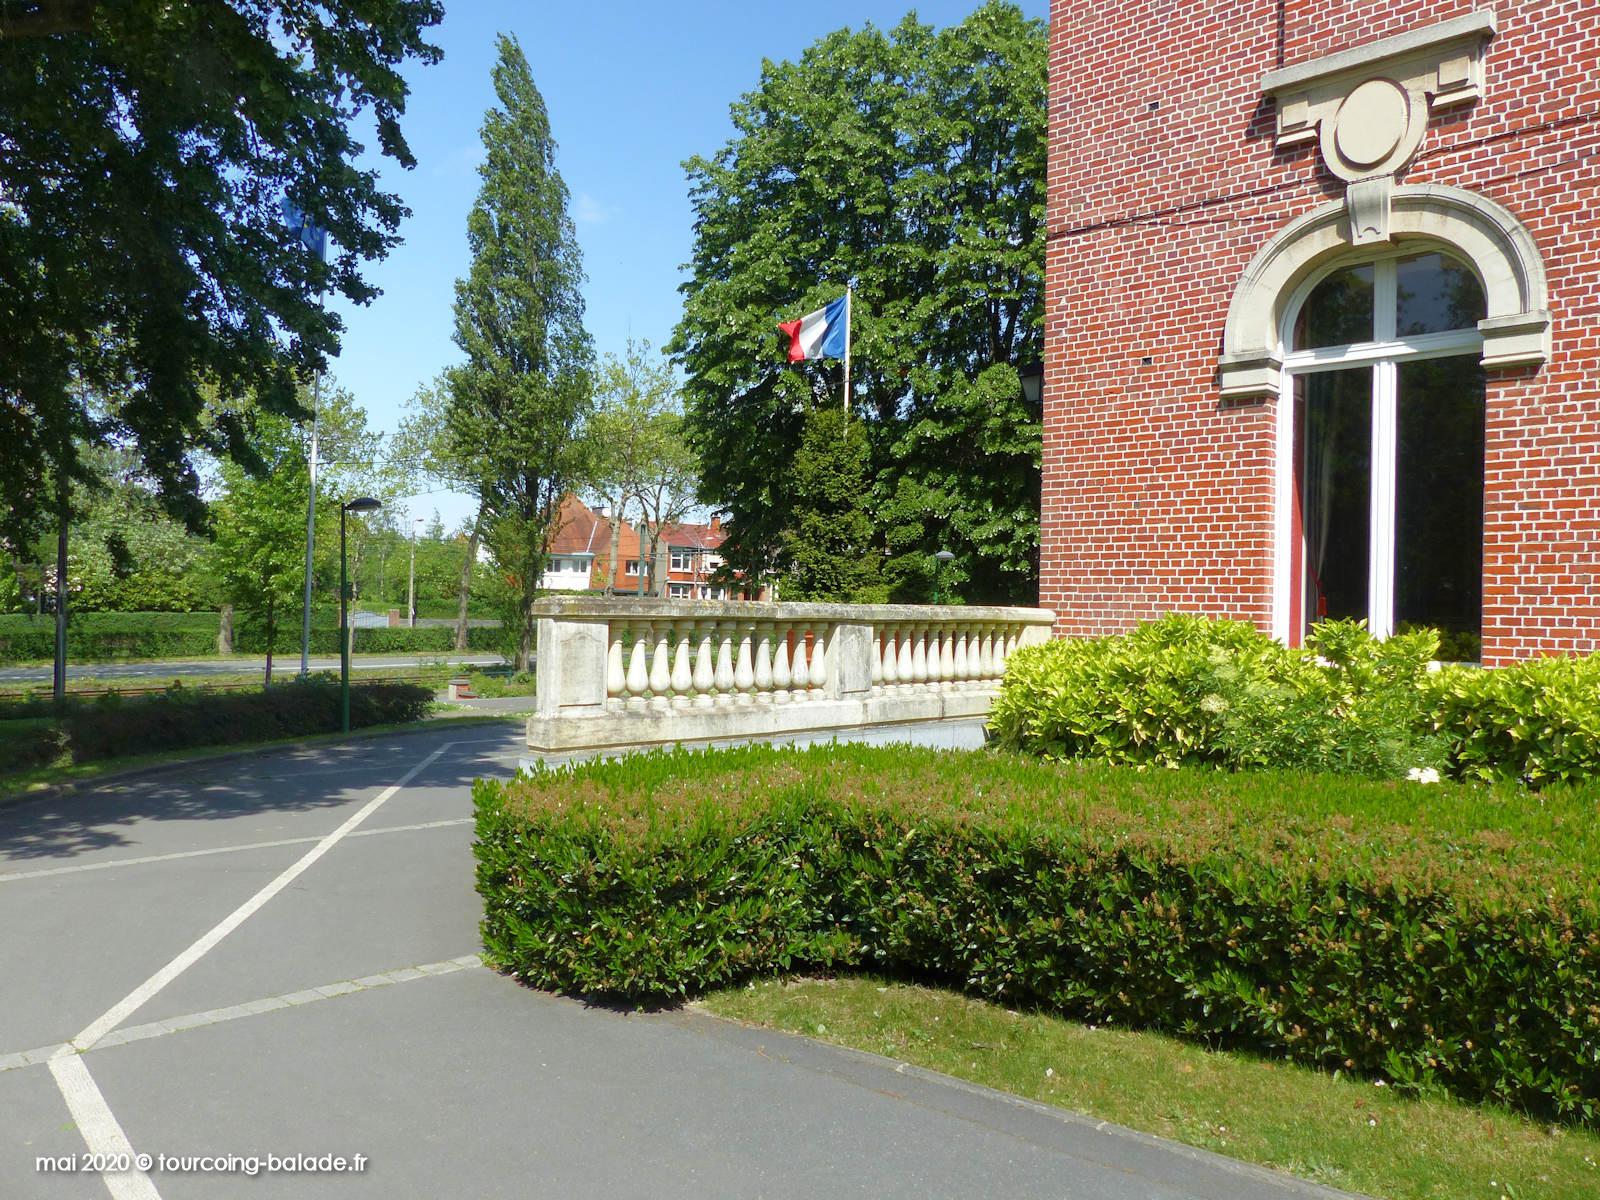 Hôtel de Ville de Mouvaux sur Boulevard Carnot